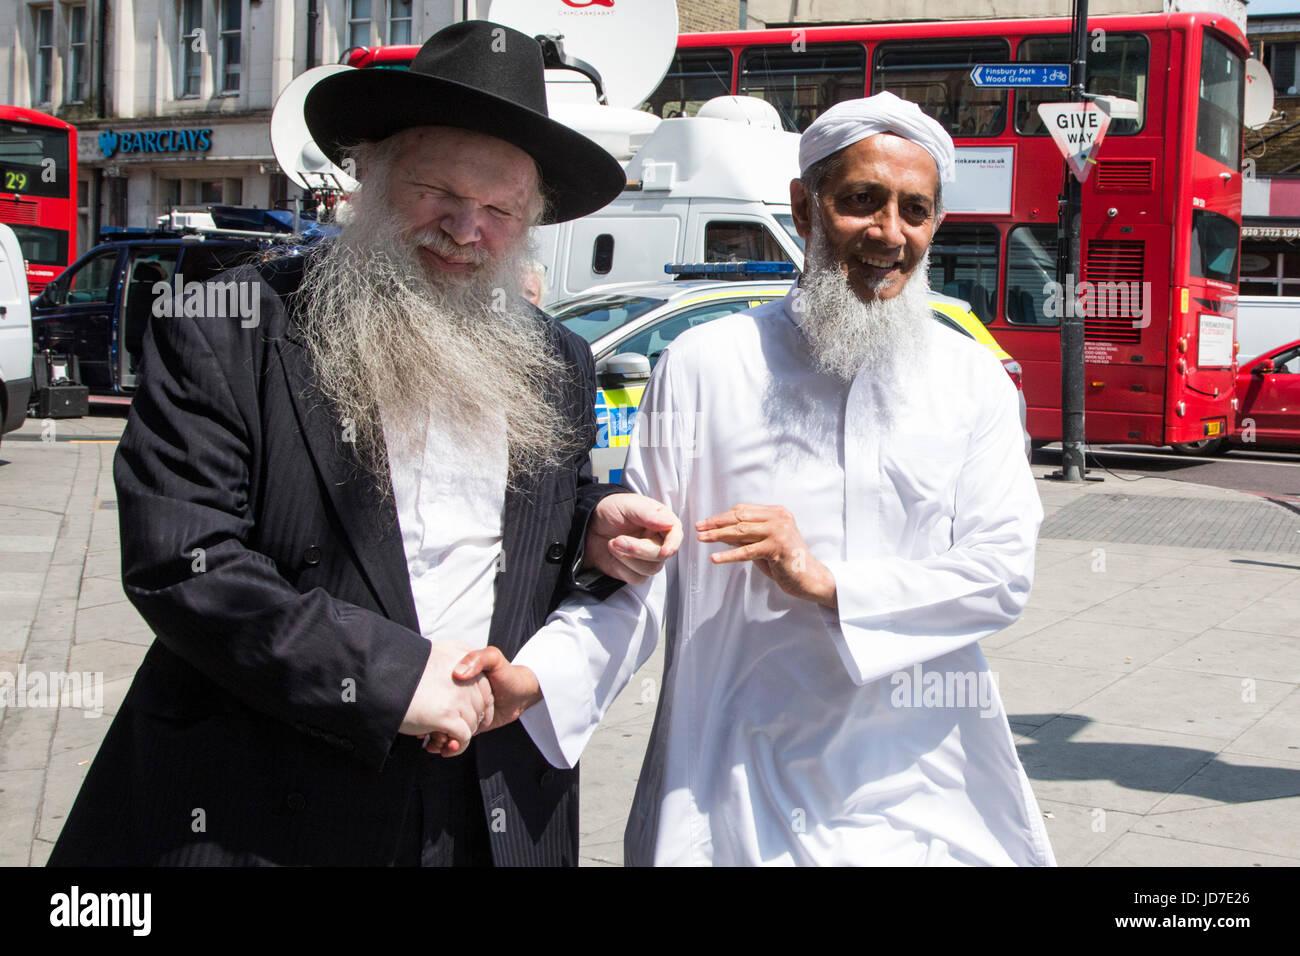 gratuit musulman site de rencontre au Royaume-Uni